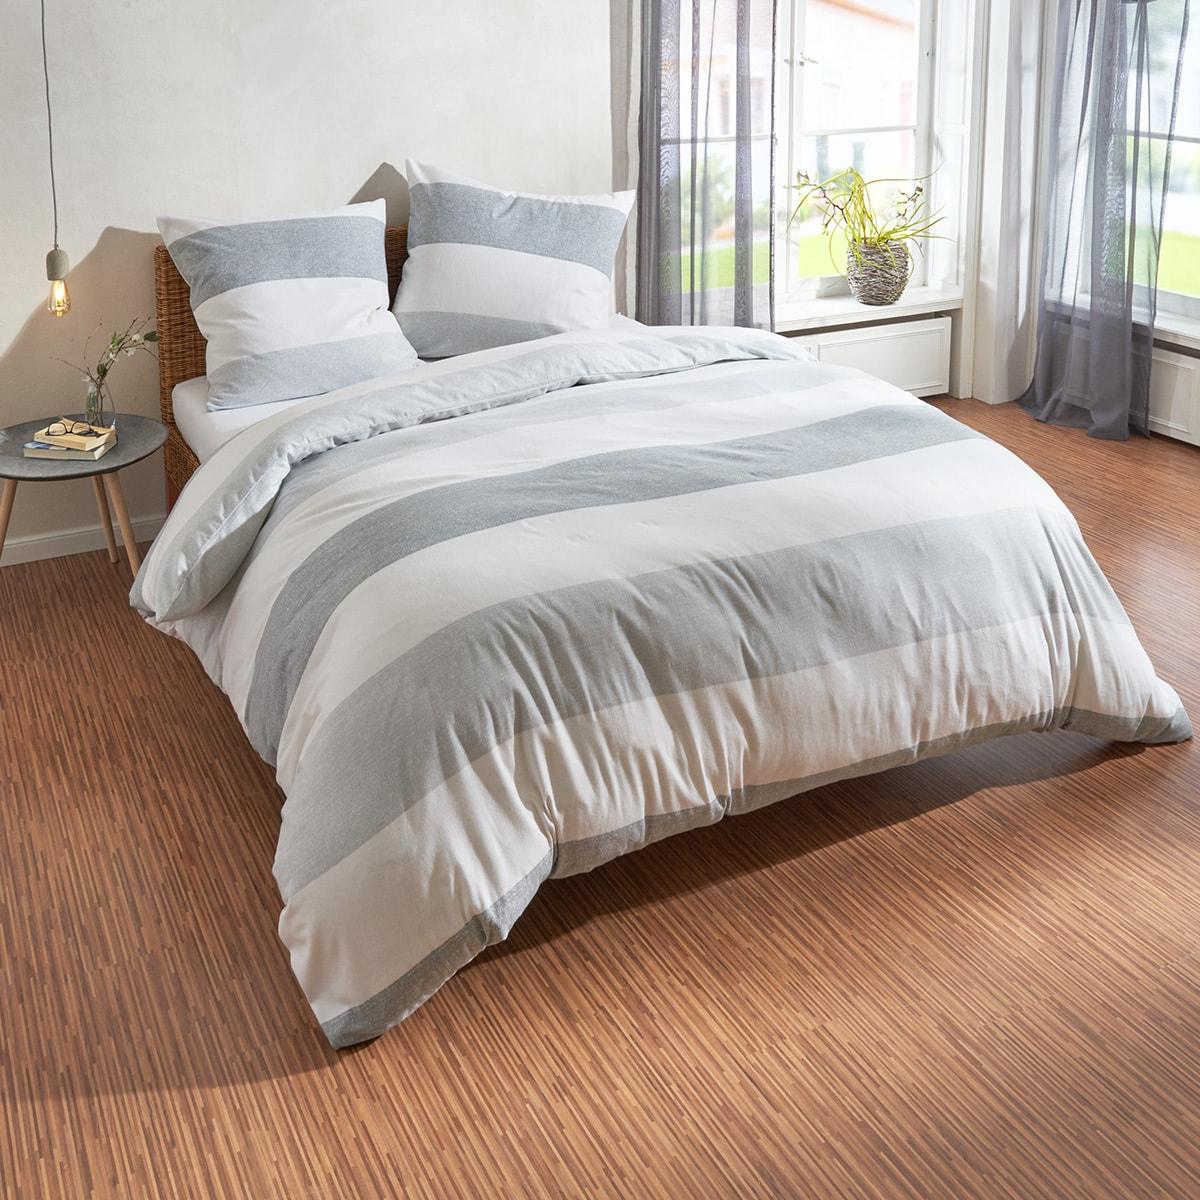 Wwwhse24de Bettwäsche Ursachen Für Schimmel Im Schlafzimmer